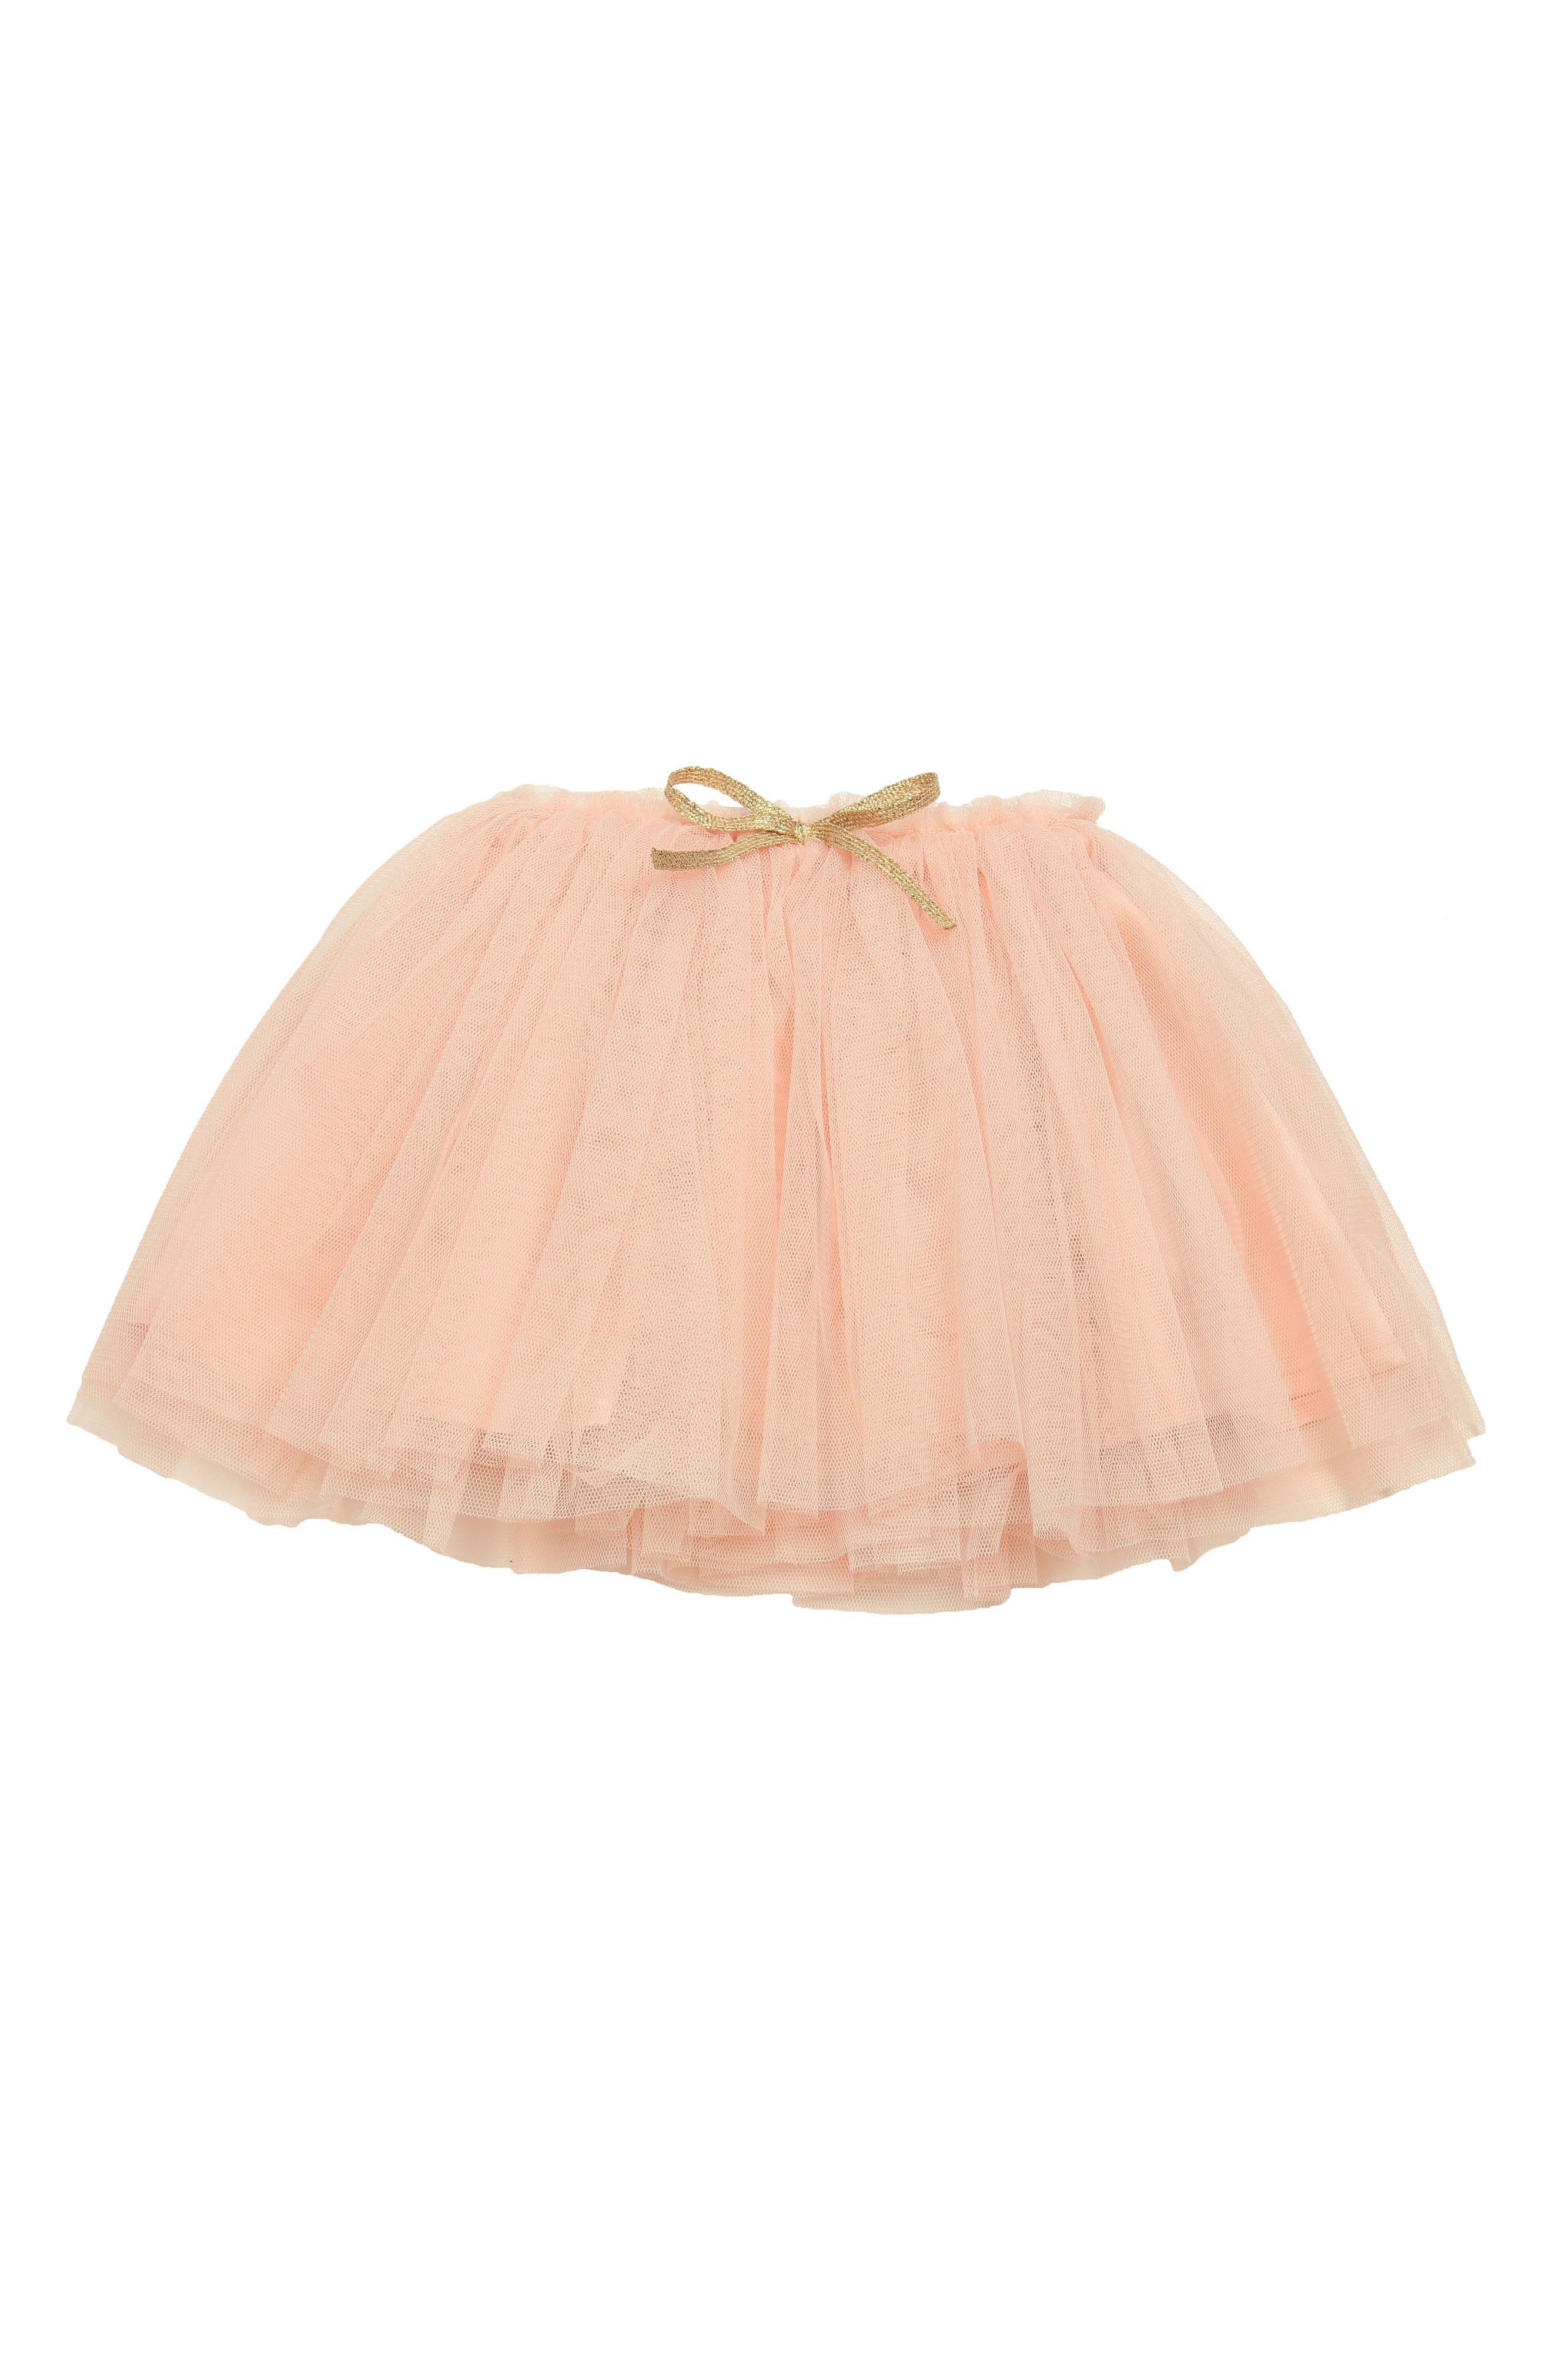 Tutu Skirt,                         Main,                         color, Rose